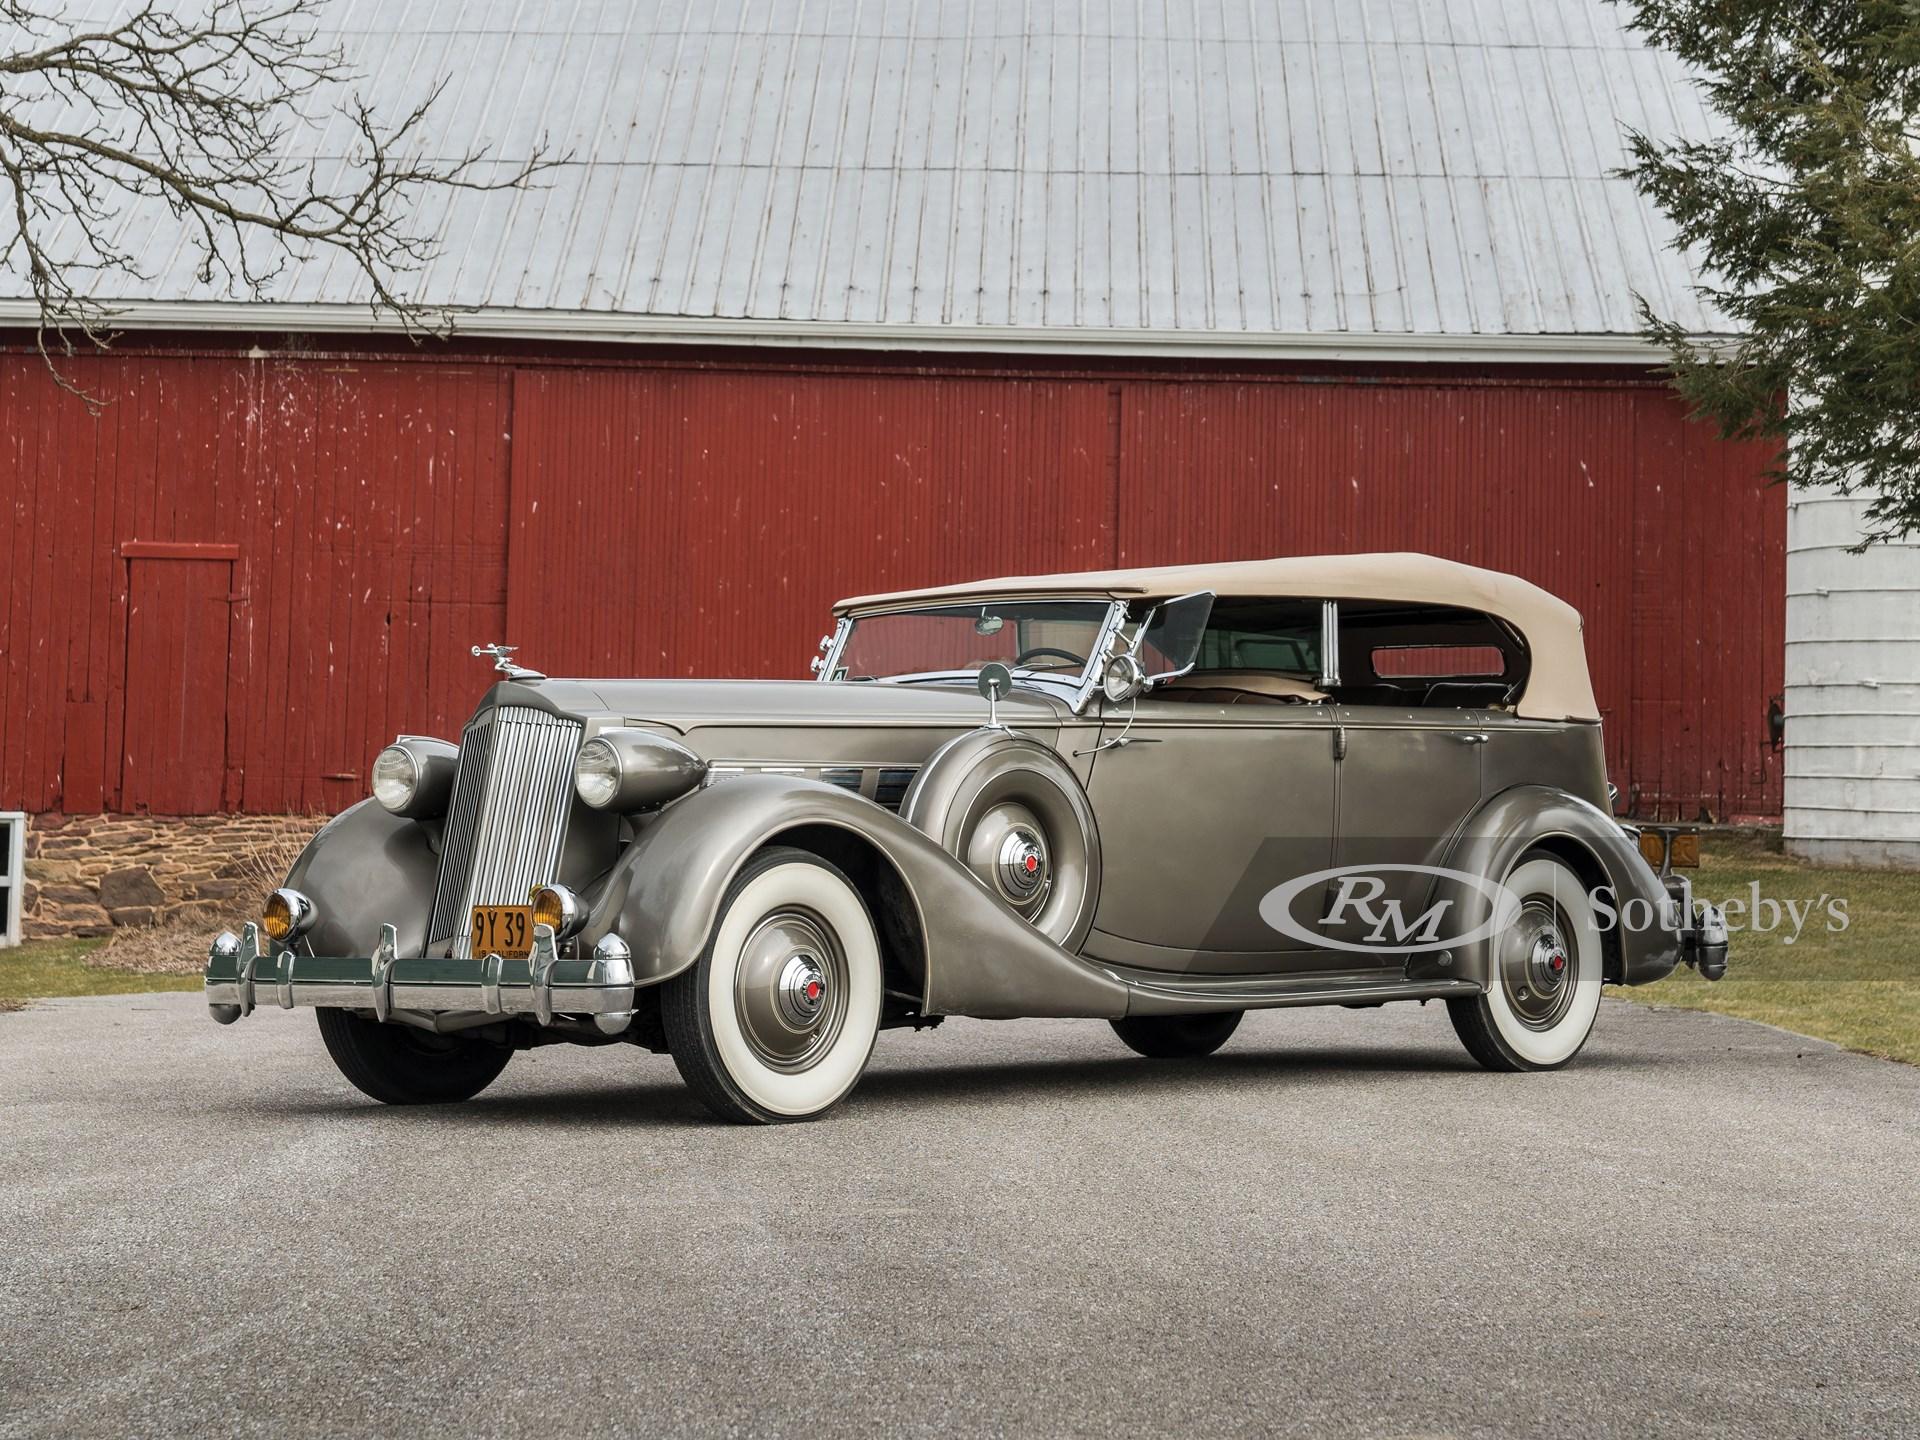 1936 Packard Super Eight Phaeton